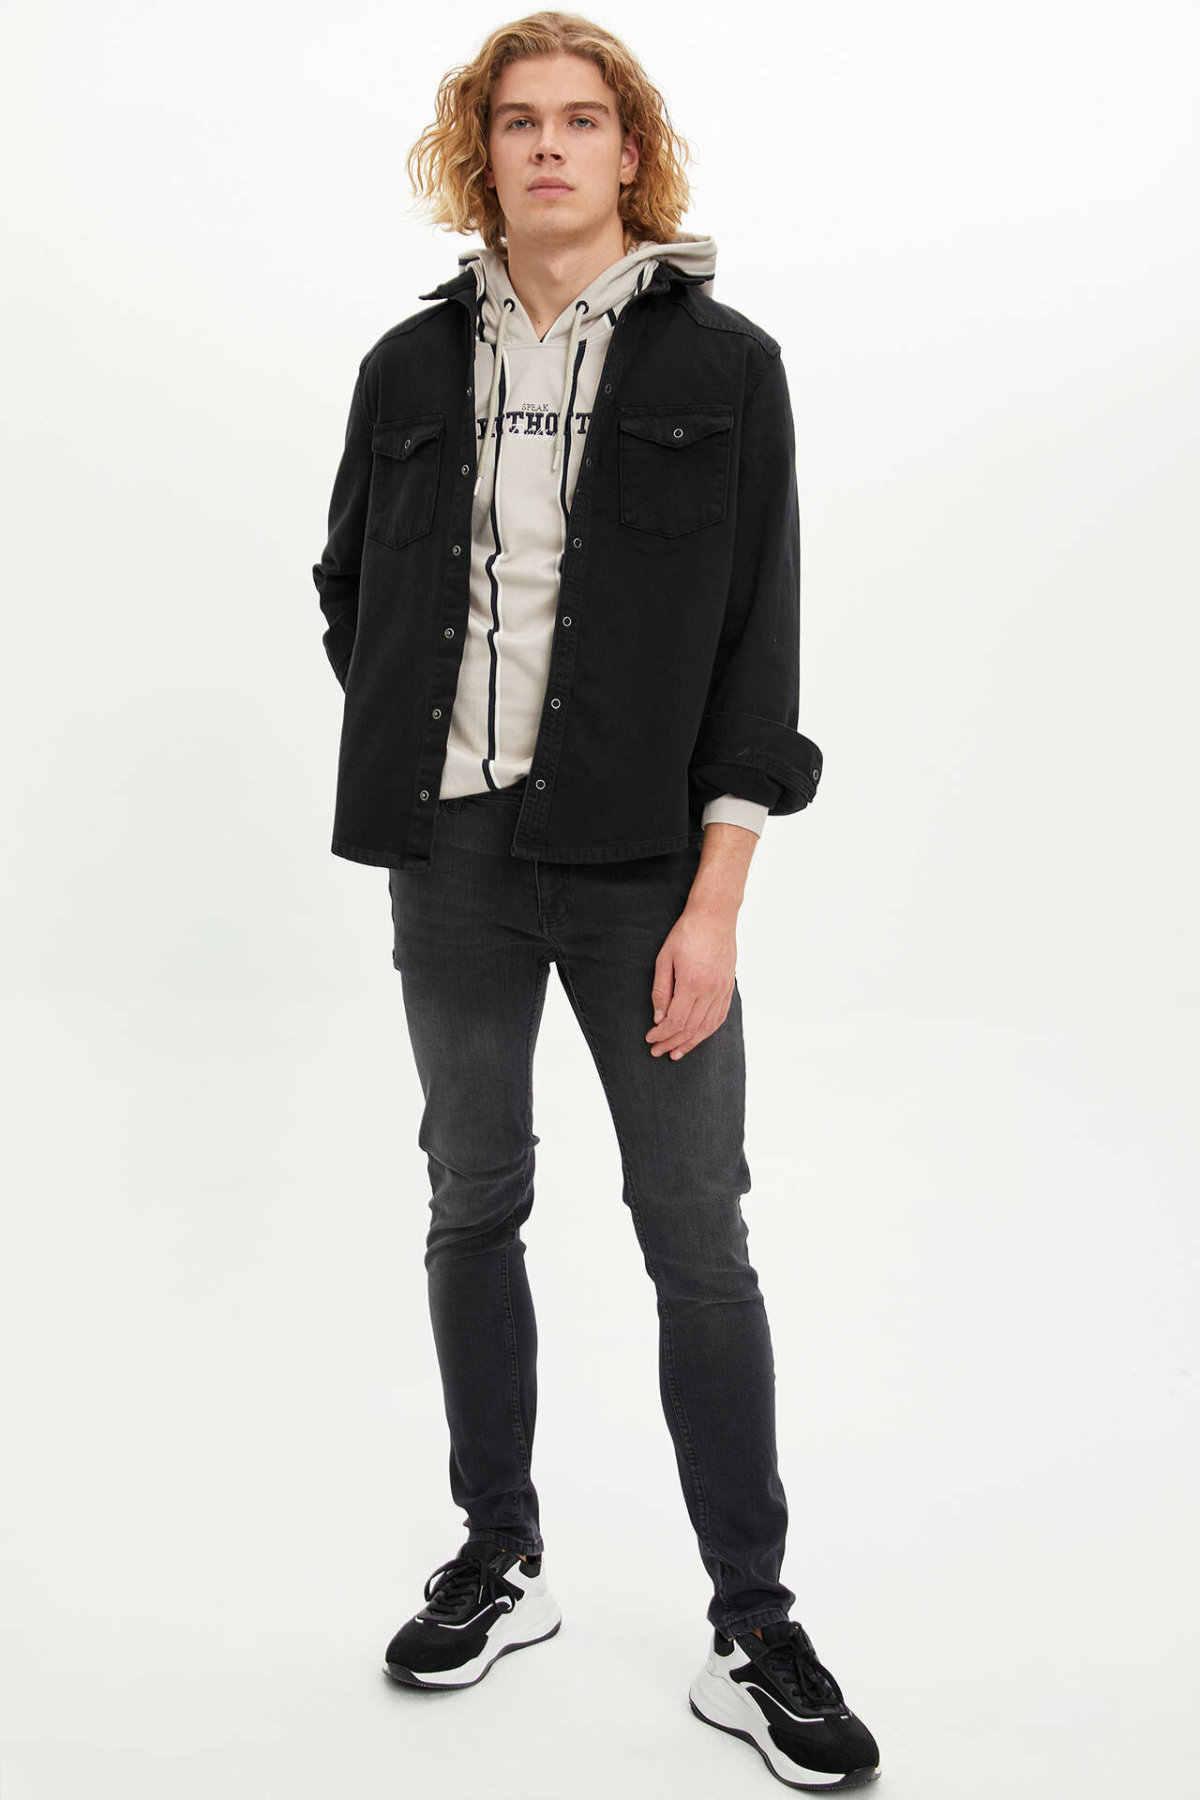 DeFacto Casual dla mężczyzn Lapel kurtki dżinsowe męskie czarne dżins wysokiej jakości płaszcz luźne kieszenie rekreacyjne płaszcze męskie